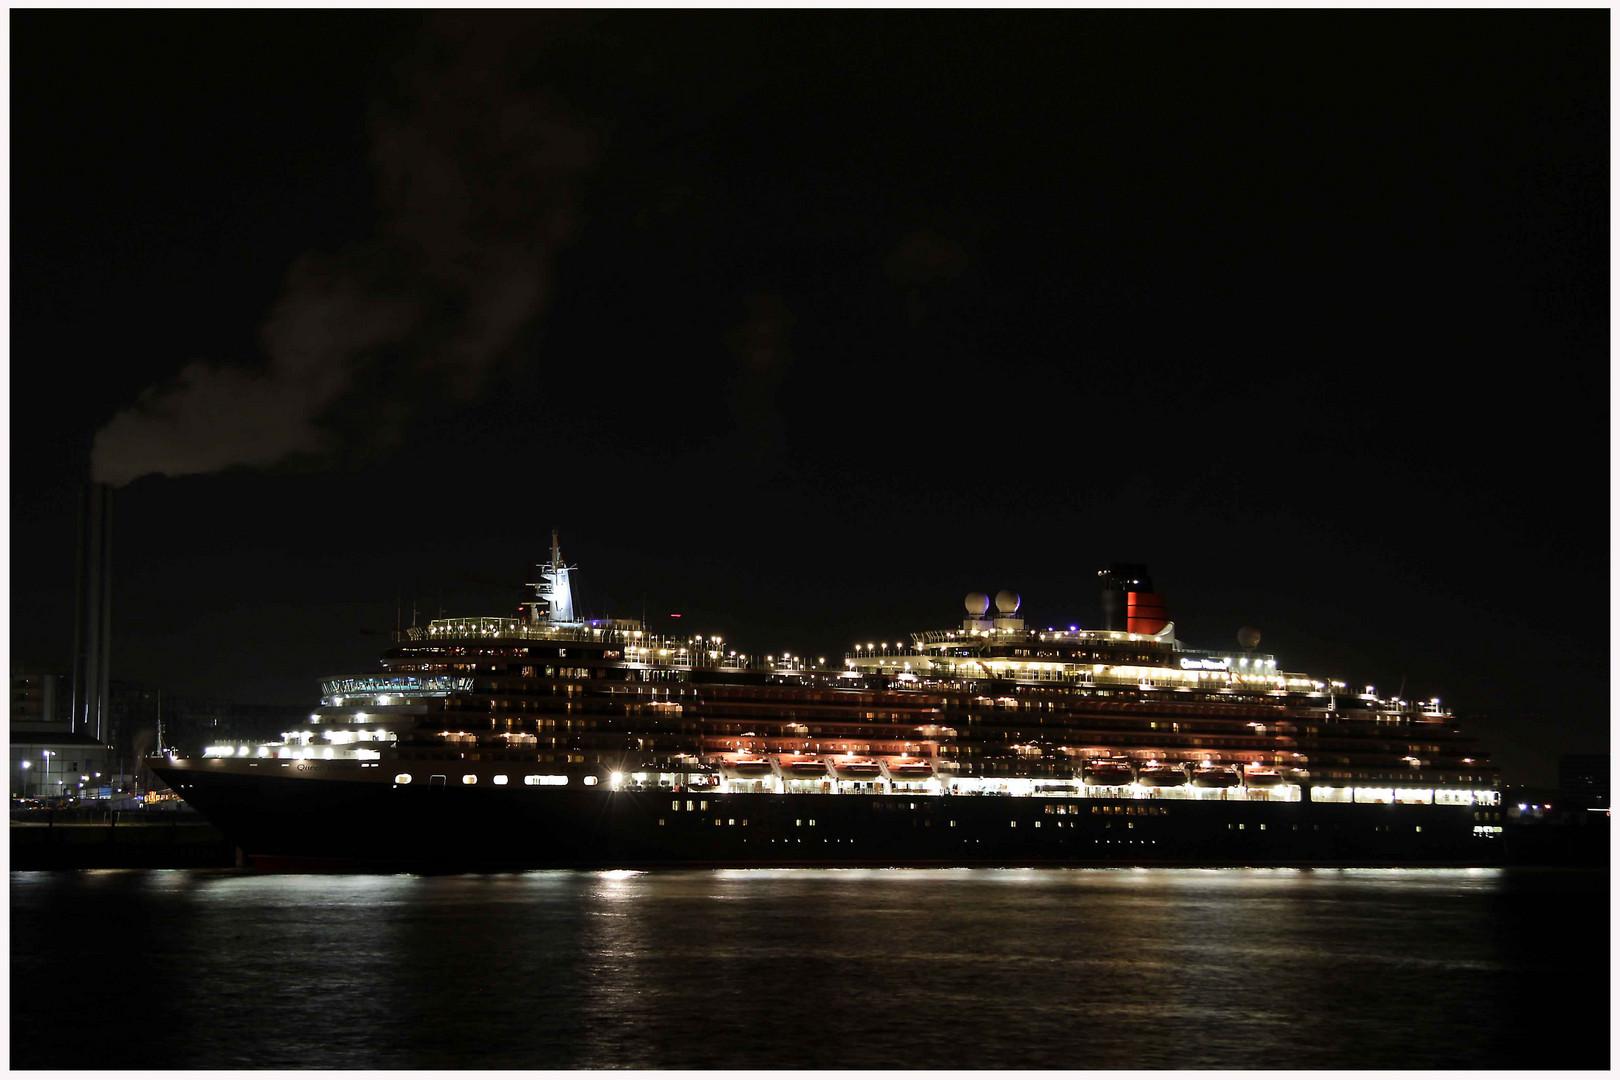 Queen Victoria heute abend in Hamburg